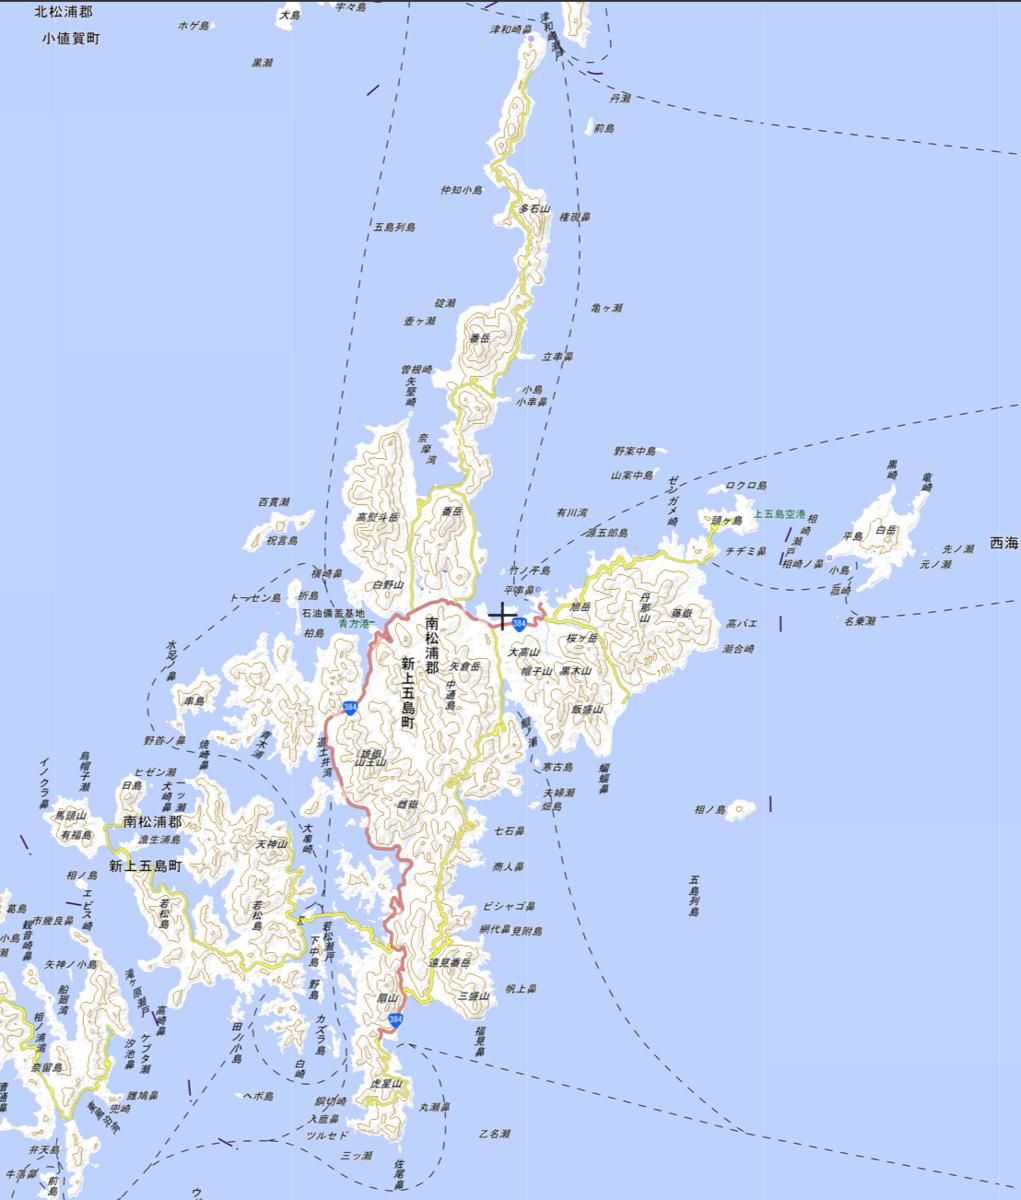 国土地理院ウオッちずによる新上五島町全体